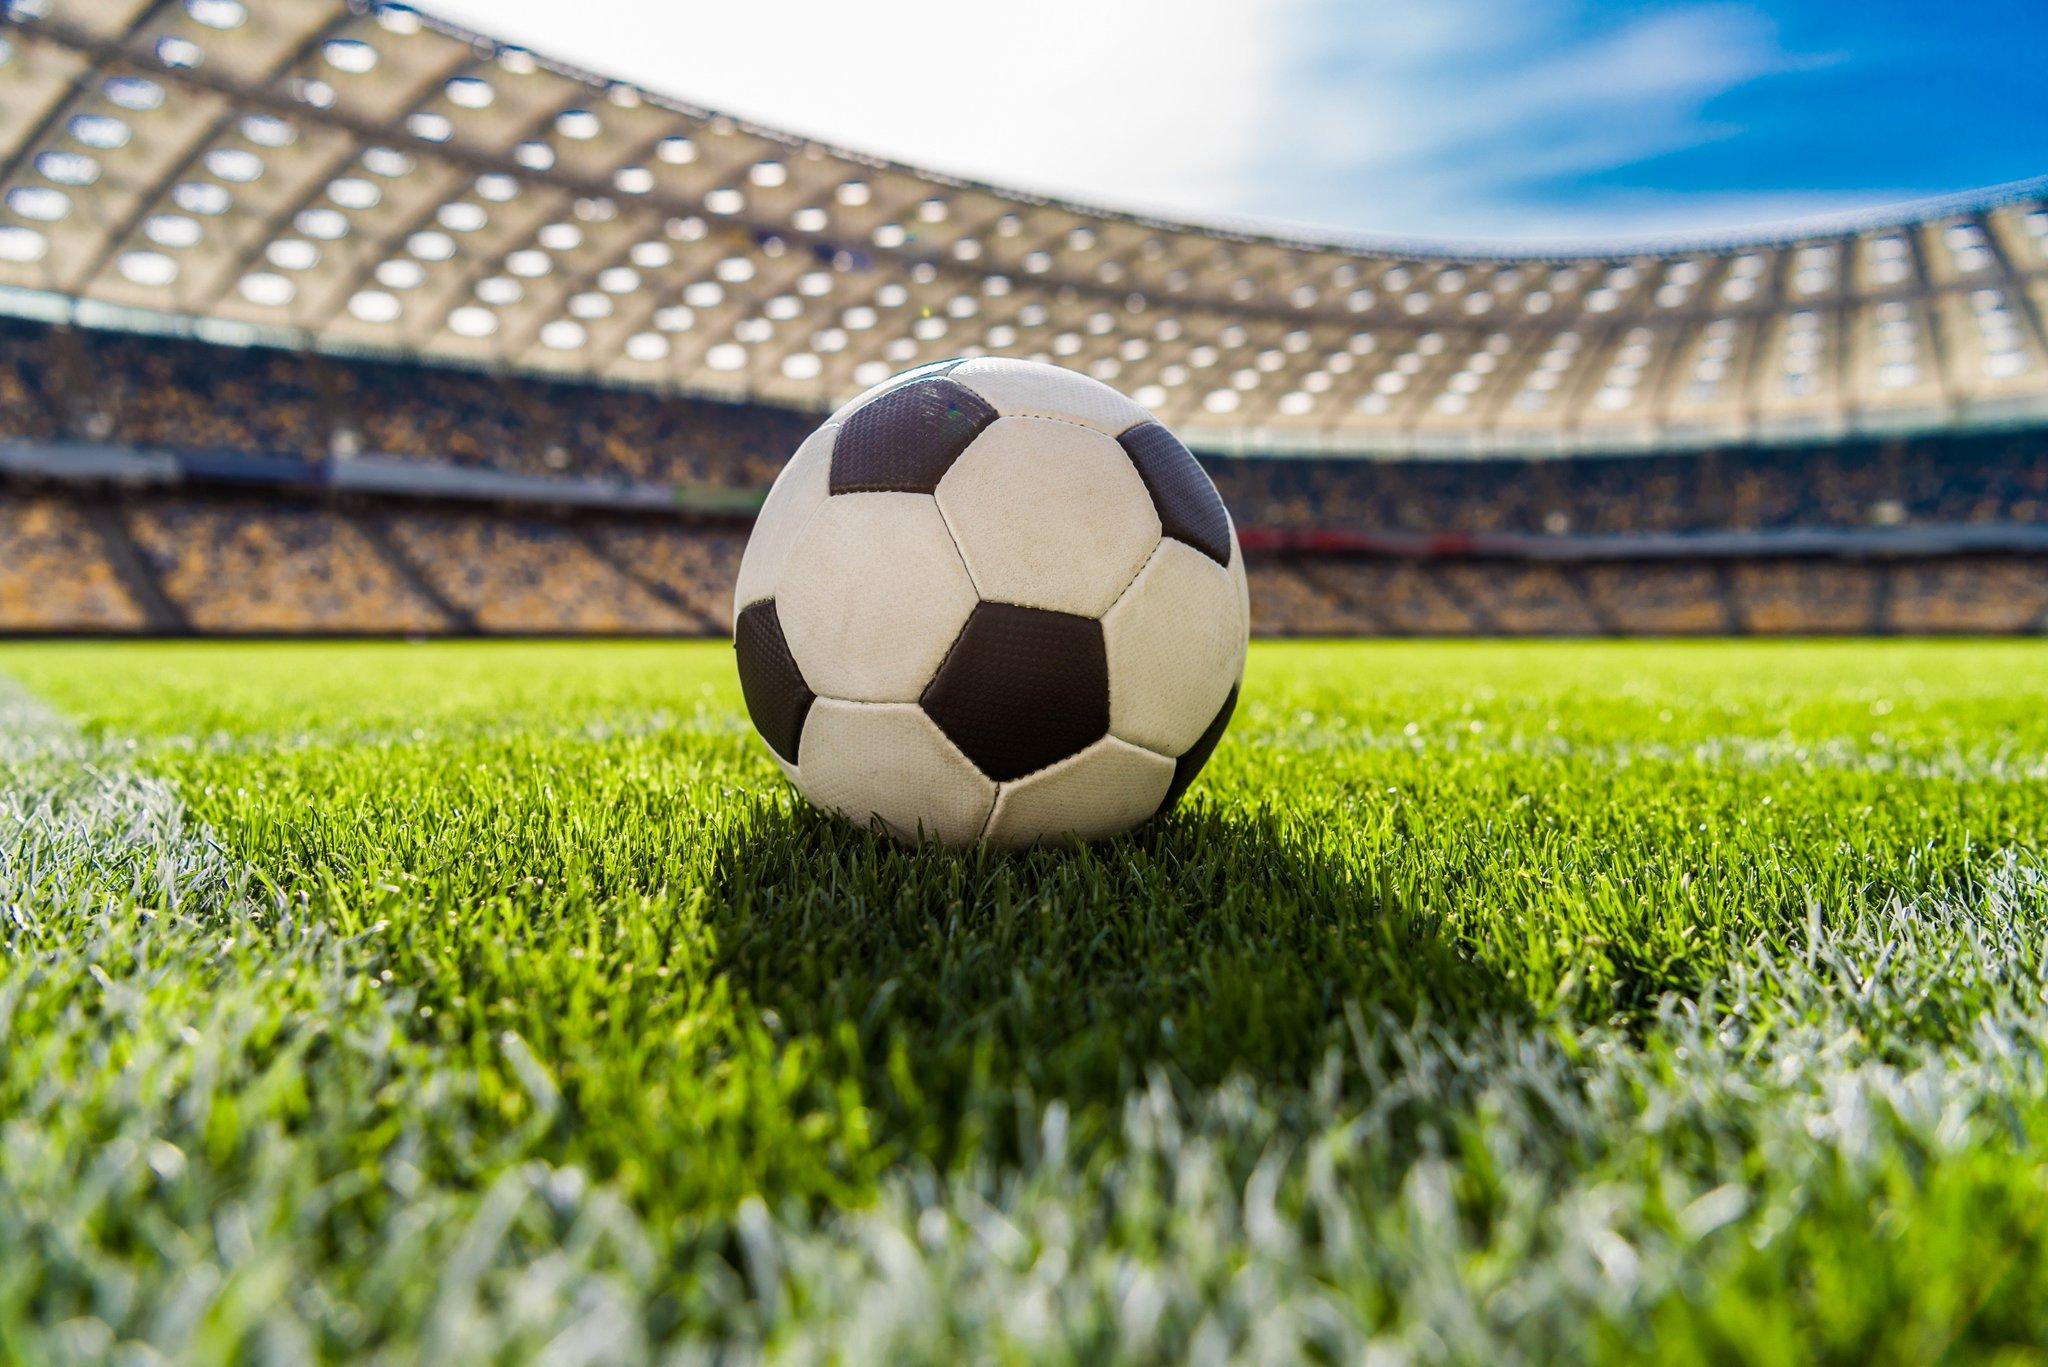 Туалет детском, картинки футбольный мяч на поле